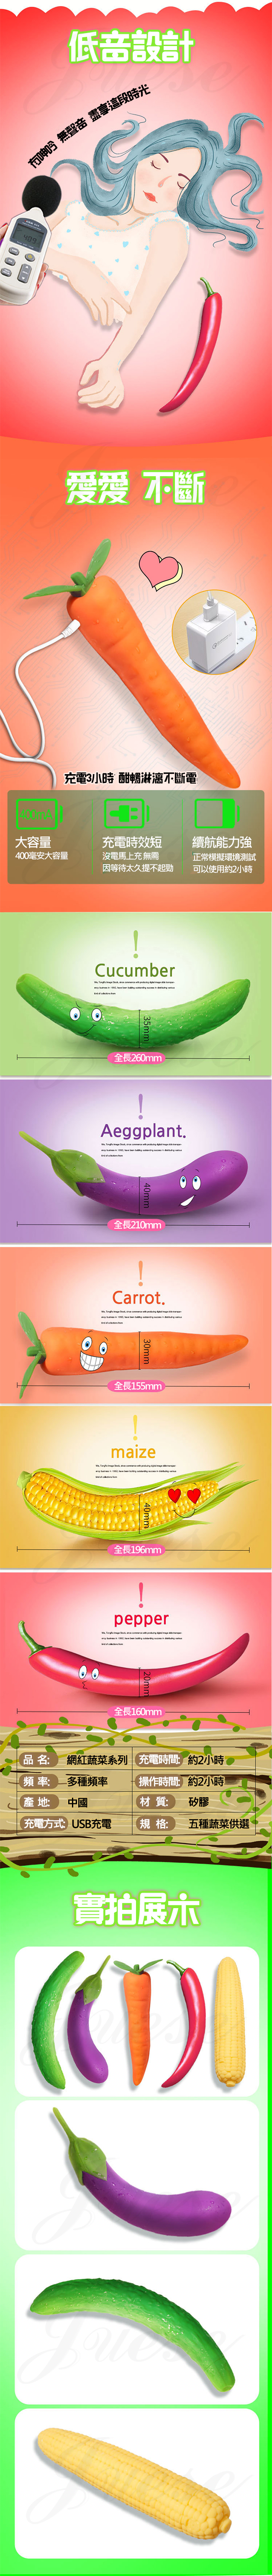 蔬菜自慰隊 仿真可愛矽膠震動按摩棒-胡蘿蔔戰士